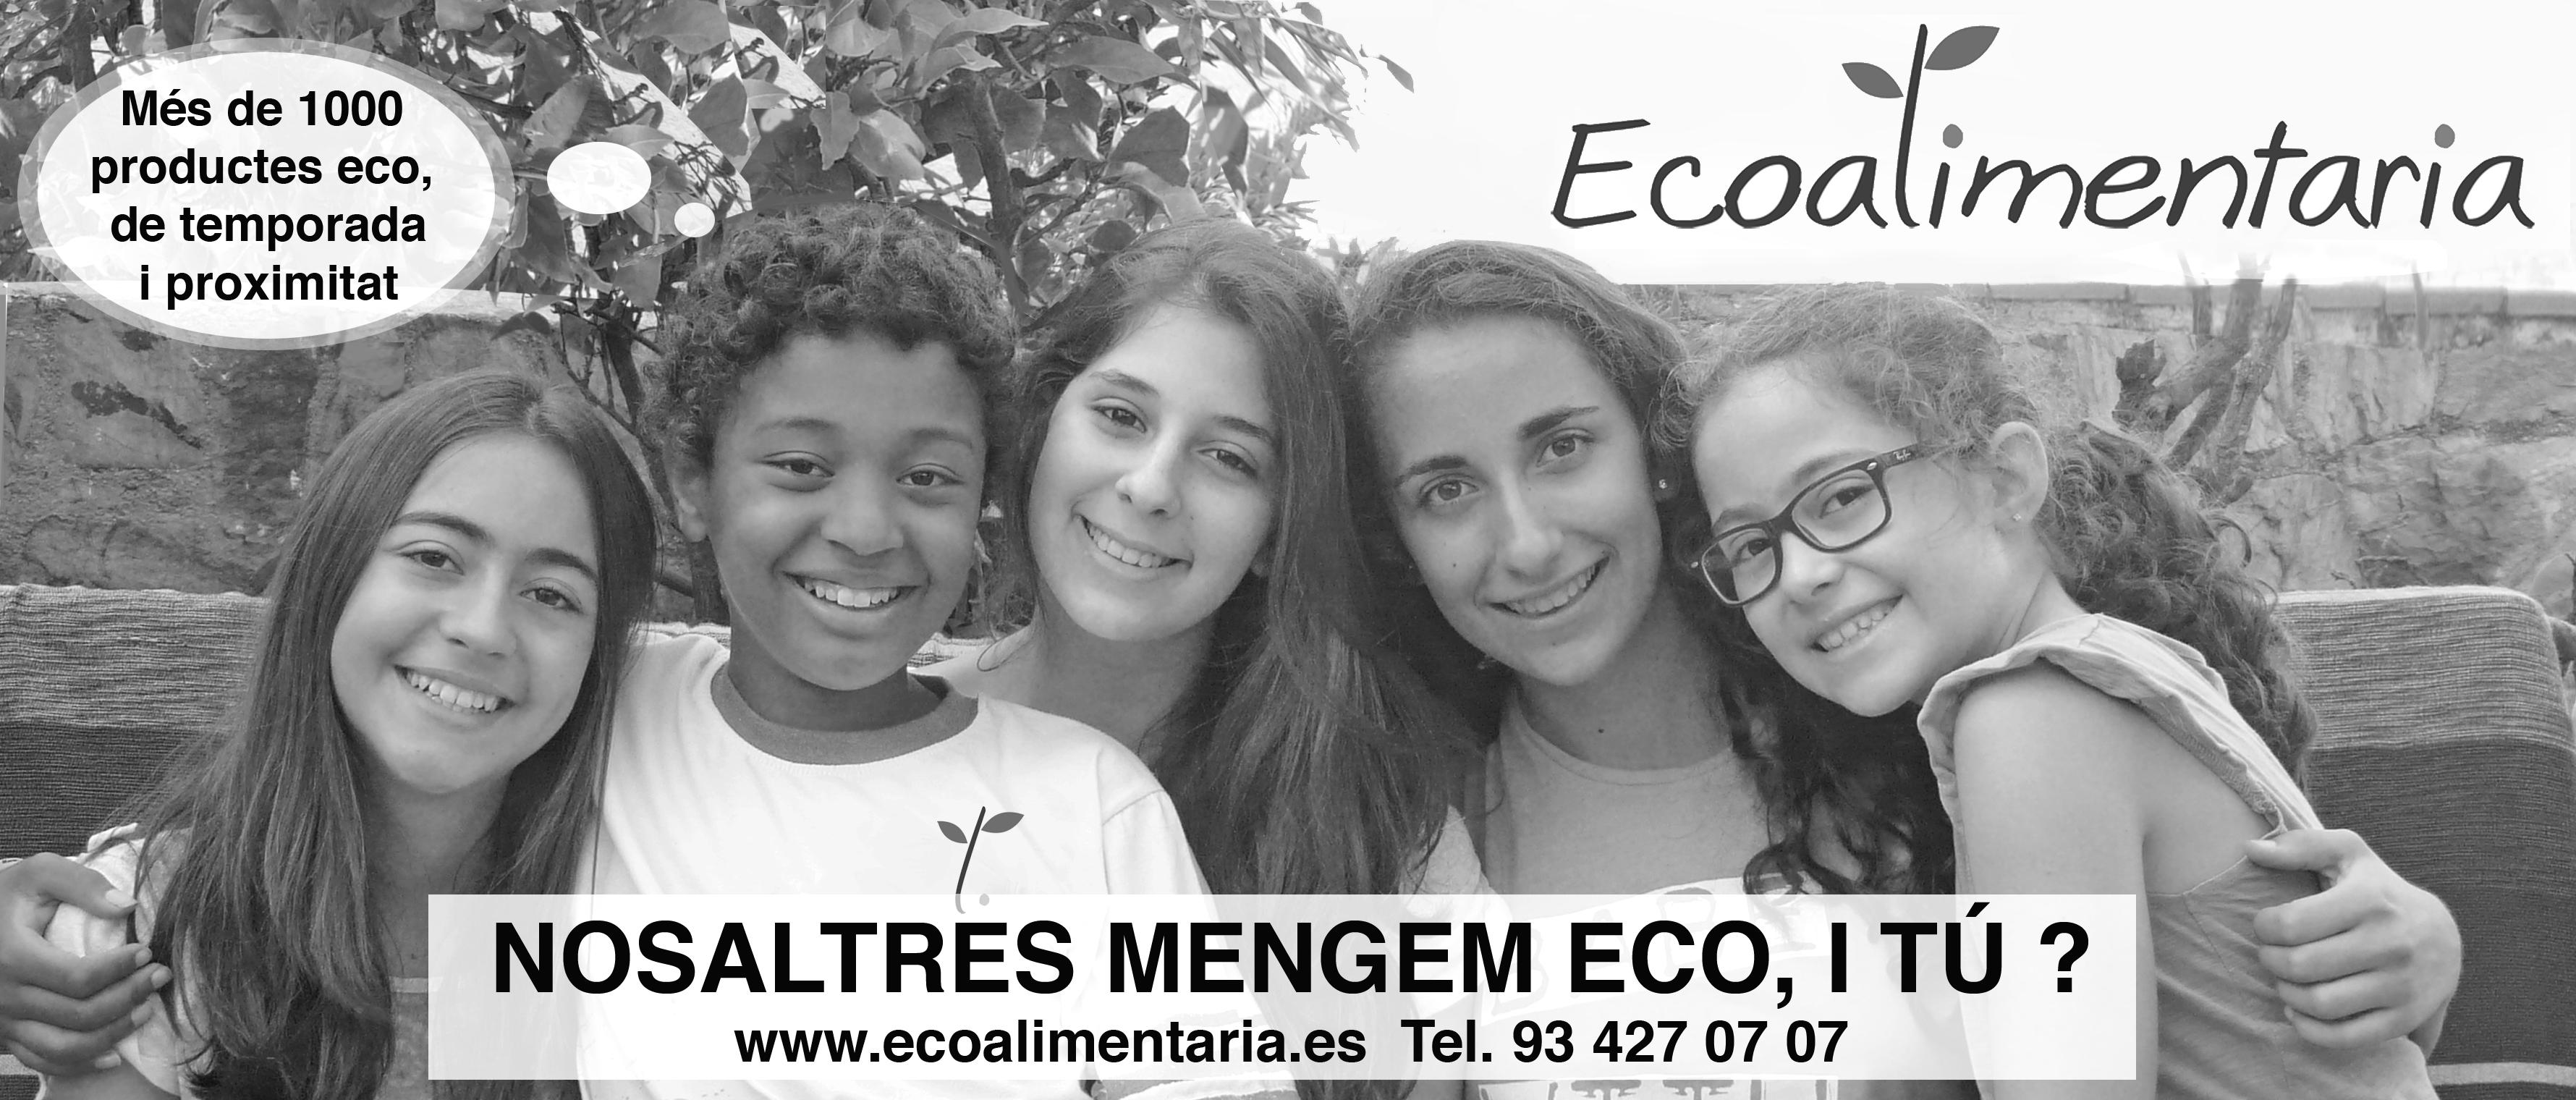 Ecoalimentaria Barcelona